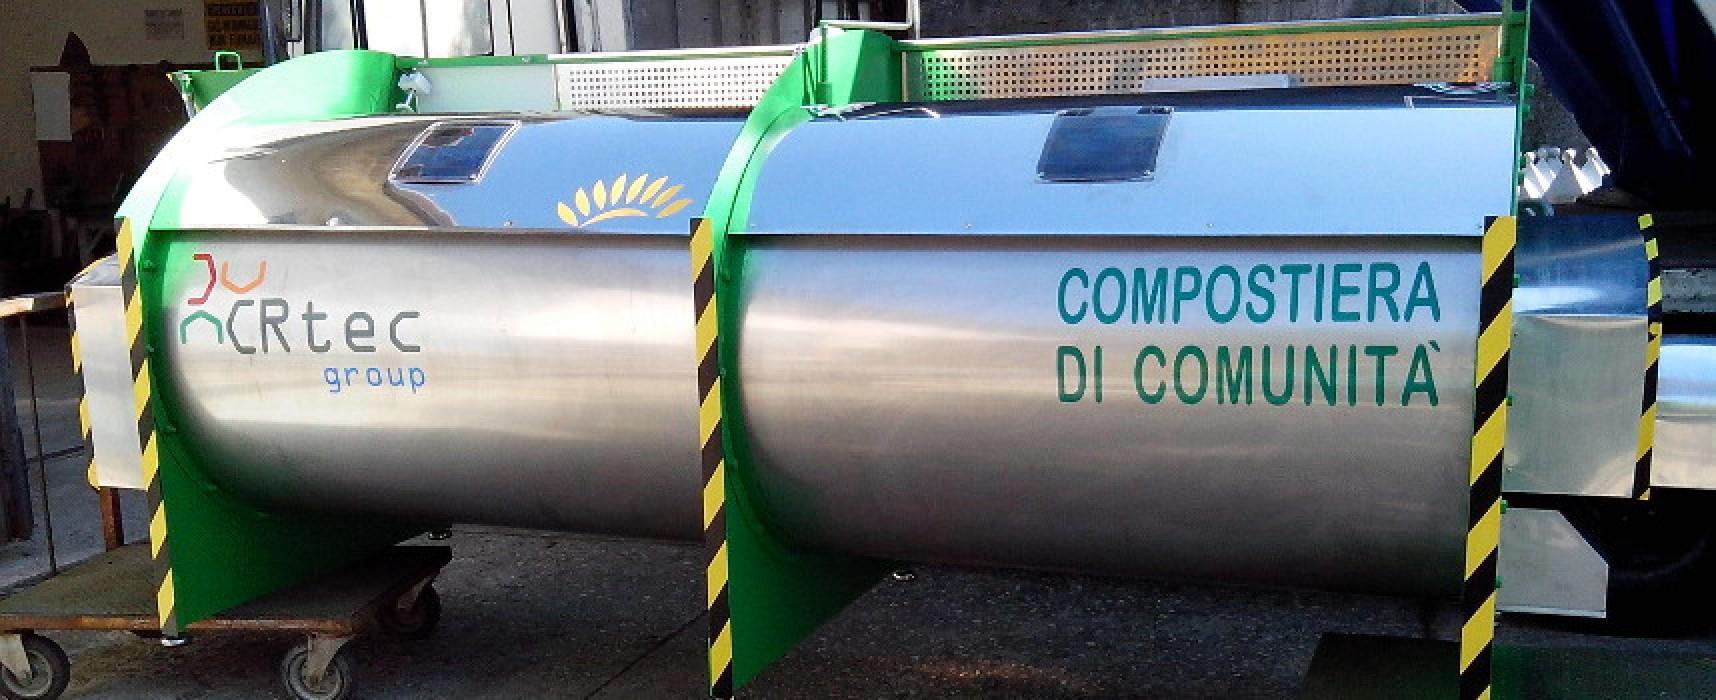 Centro di compostaggio collettivo in zona San Francesco, il Comune presenta il progetto